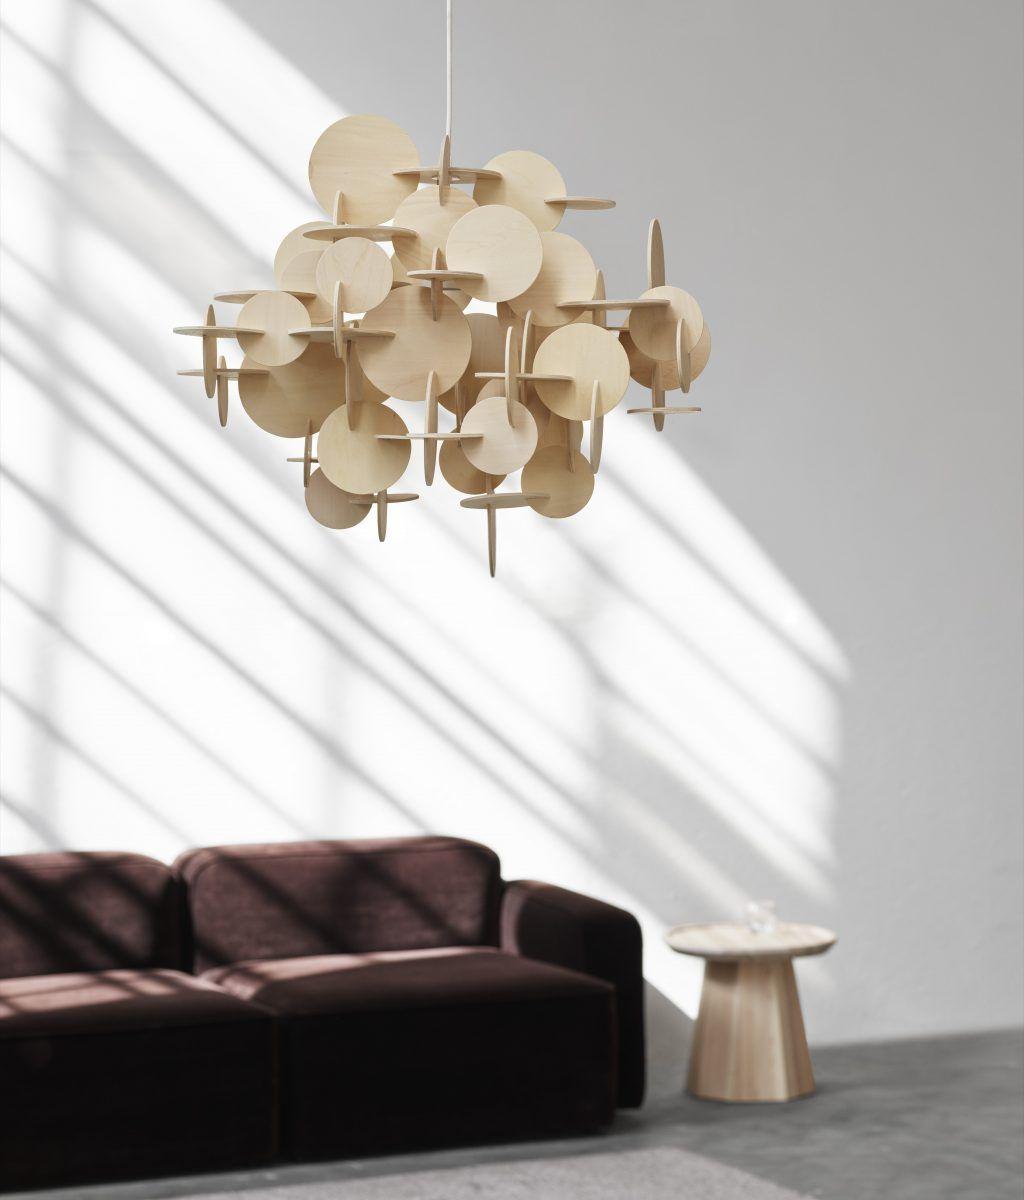 helle Hölzer im Interior Design. Bau Leuchte von Norman Copenhagen aus hellem Birkenholz